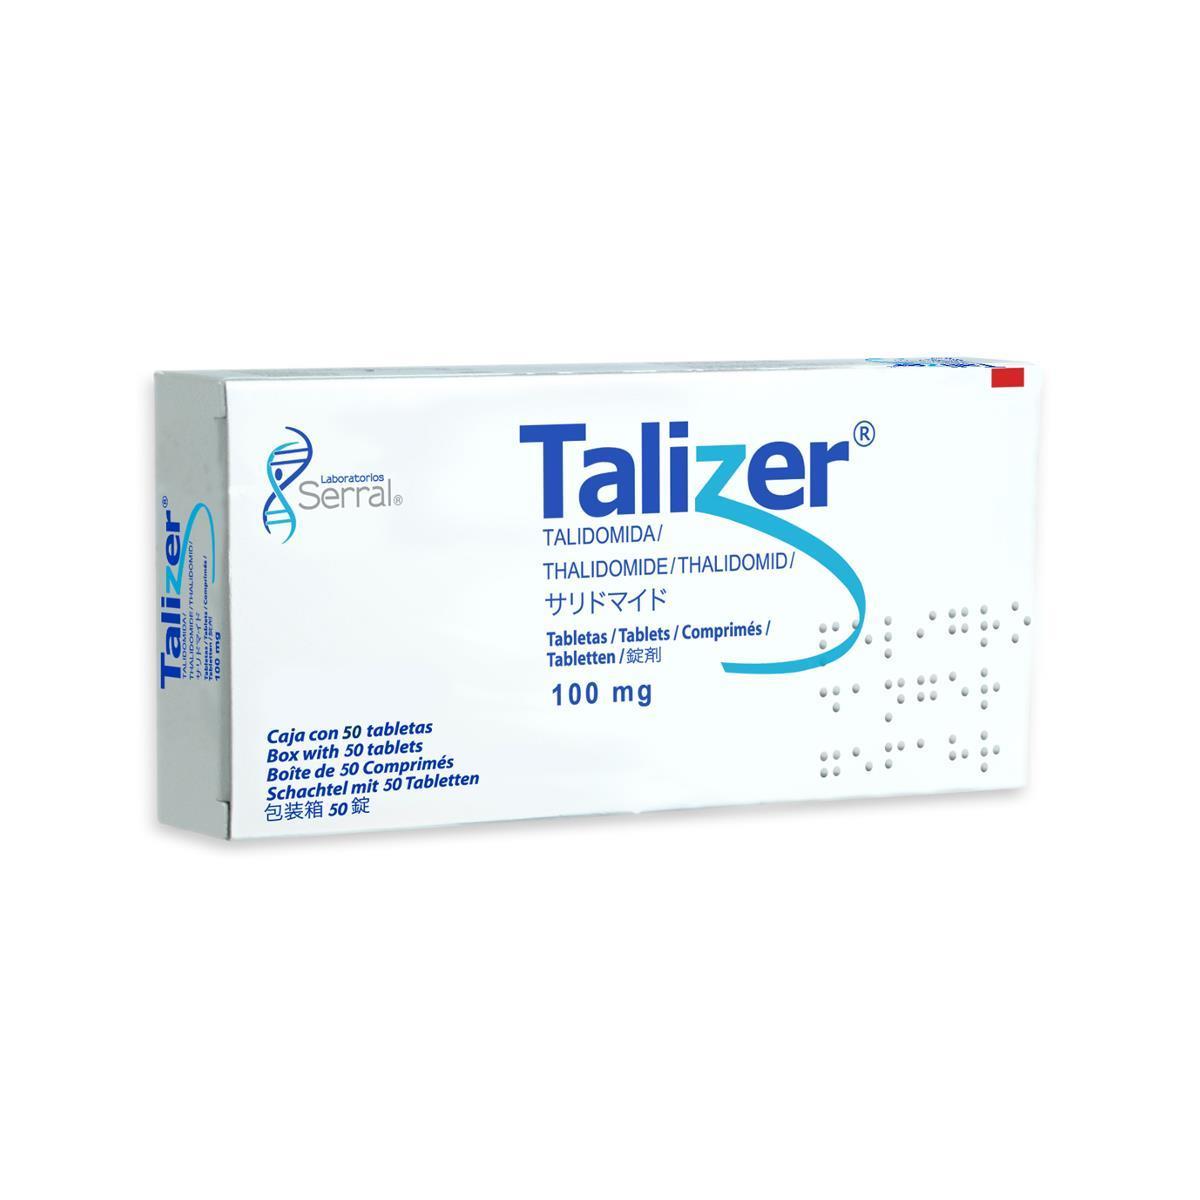 Talizer® es Talidomida en concentración de 100mg, indicado principalmente para tratar reacción leprosa tipo II. <br/><br/>Caja con 50 tabletas de 100 mg.